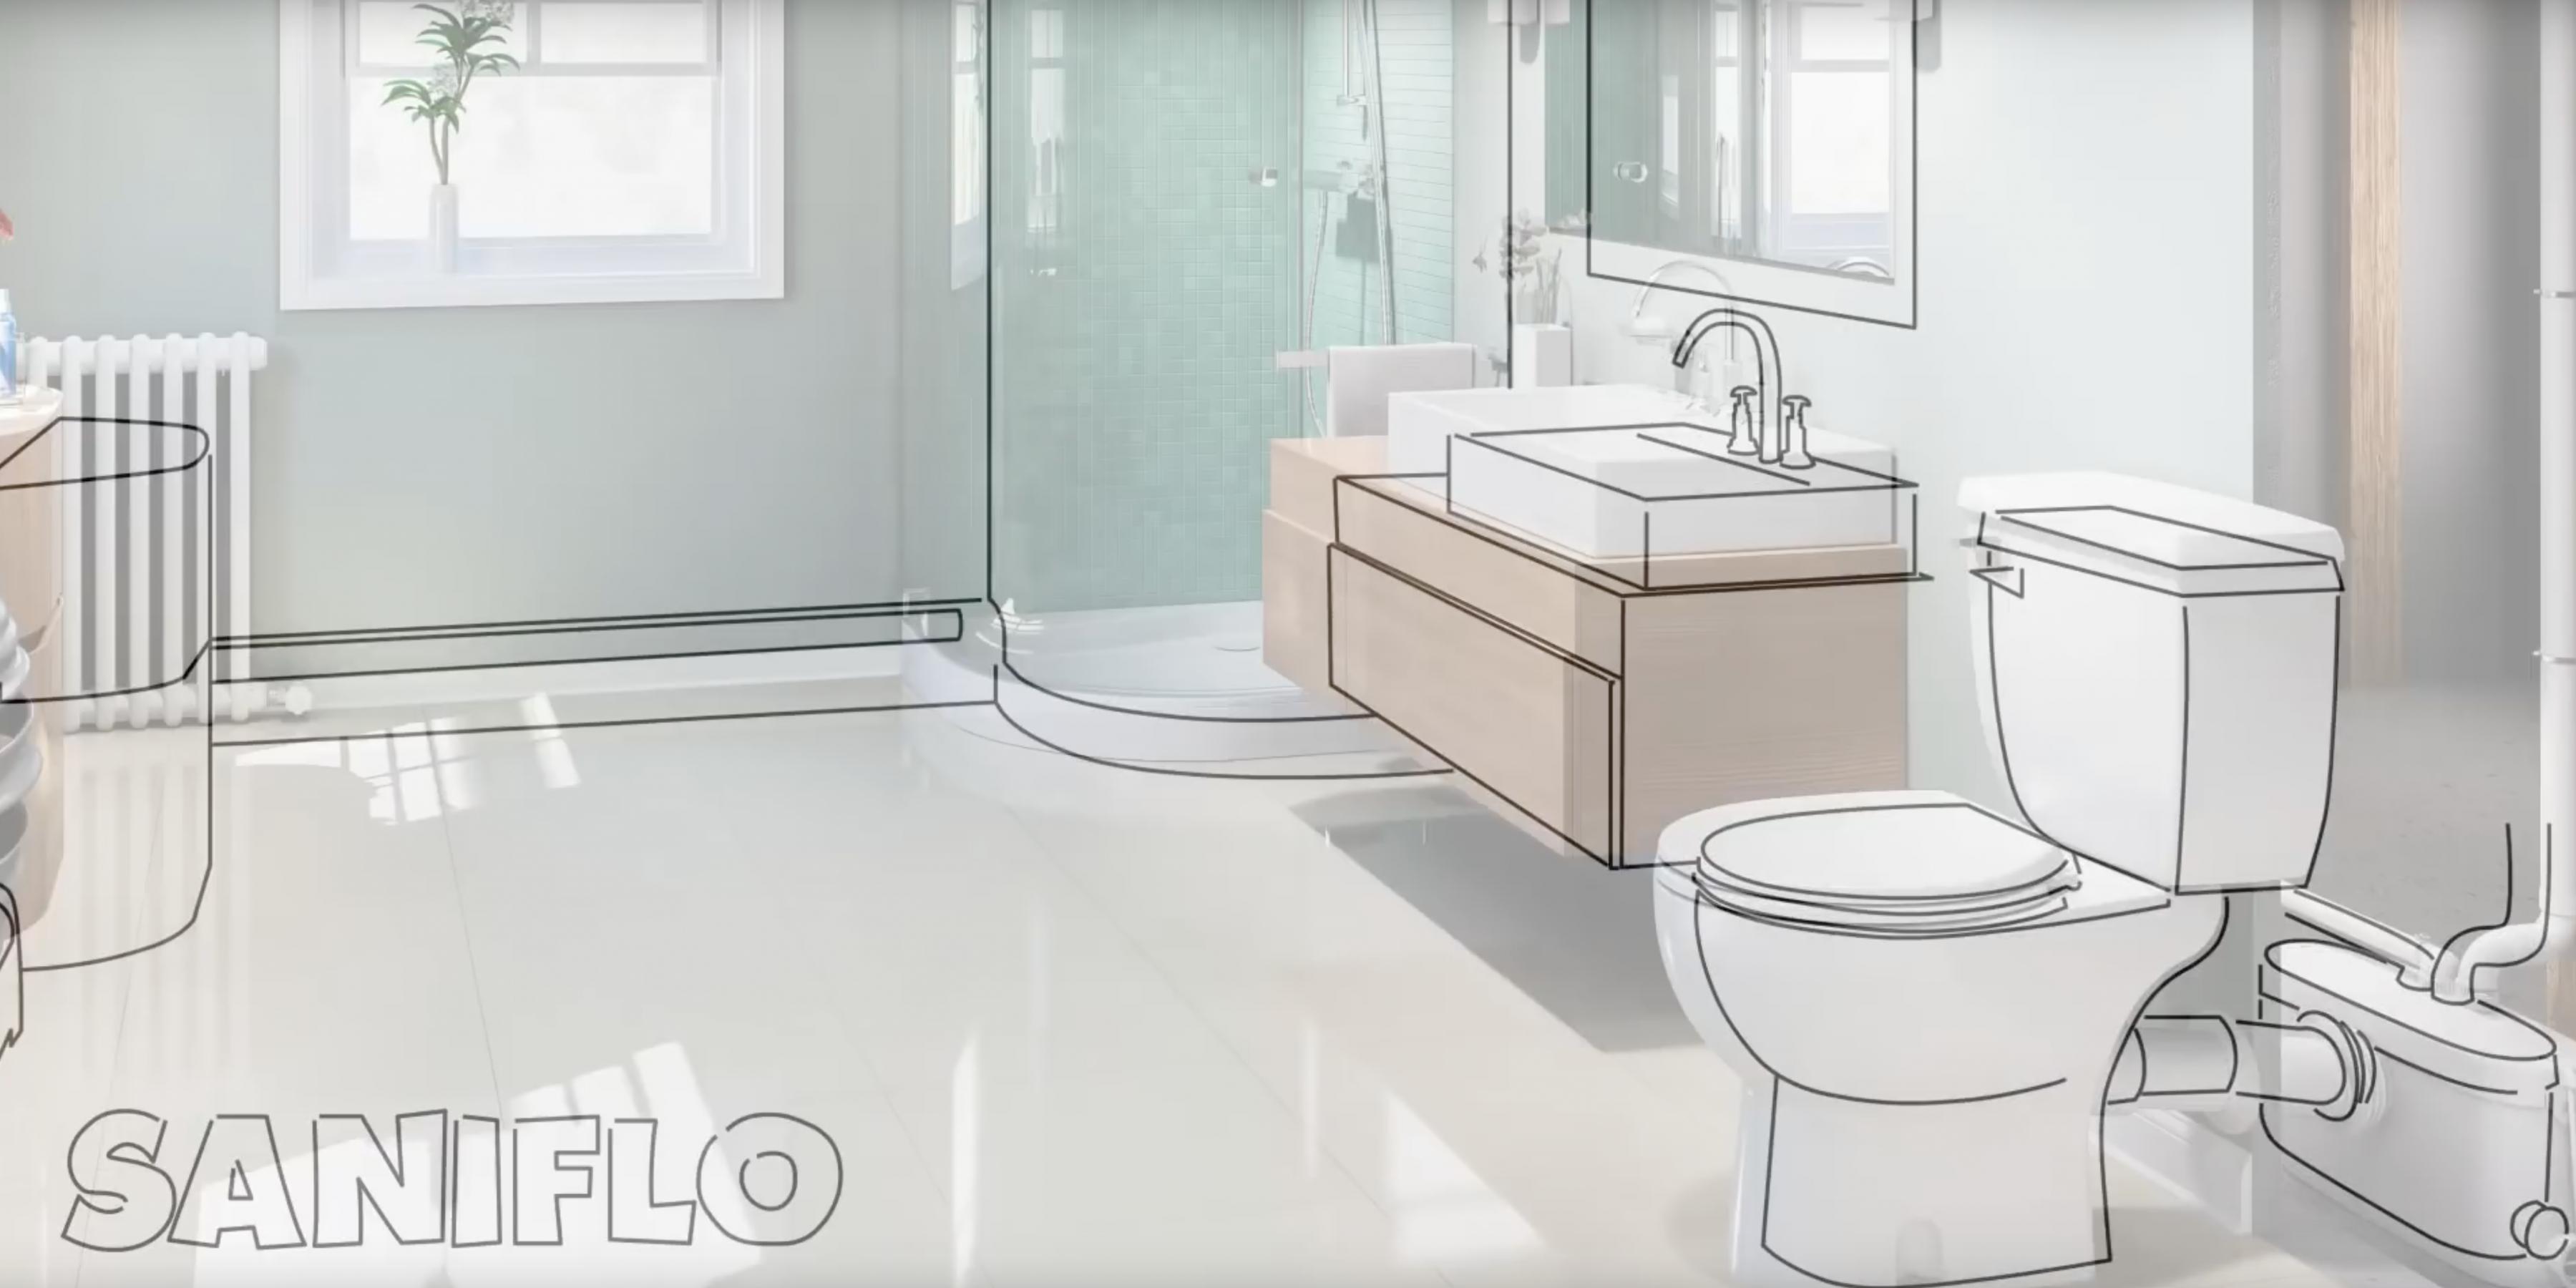 Install a Bathroom Anywhere with Saniflo